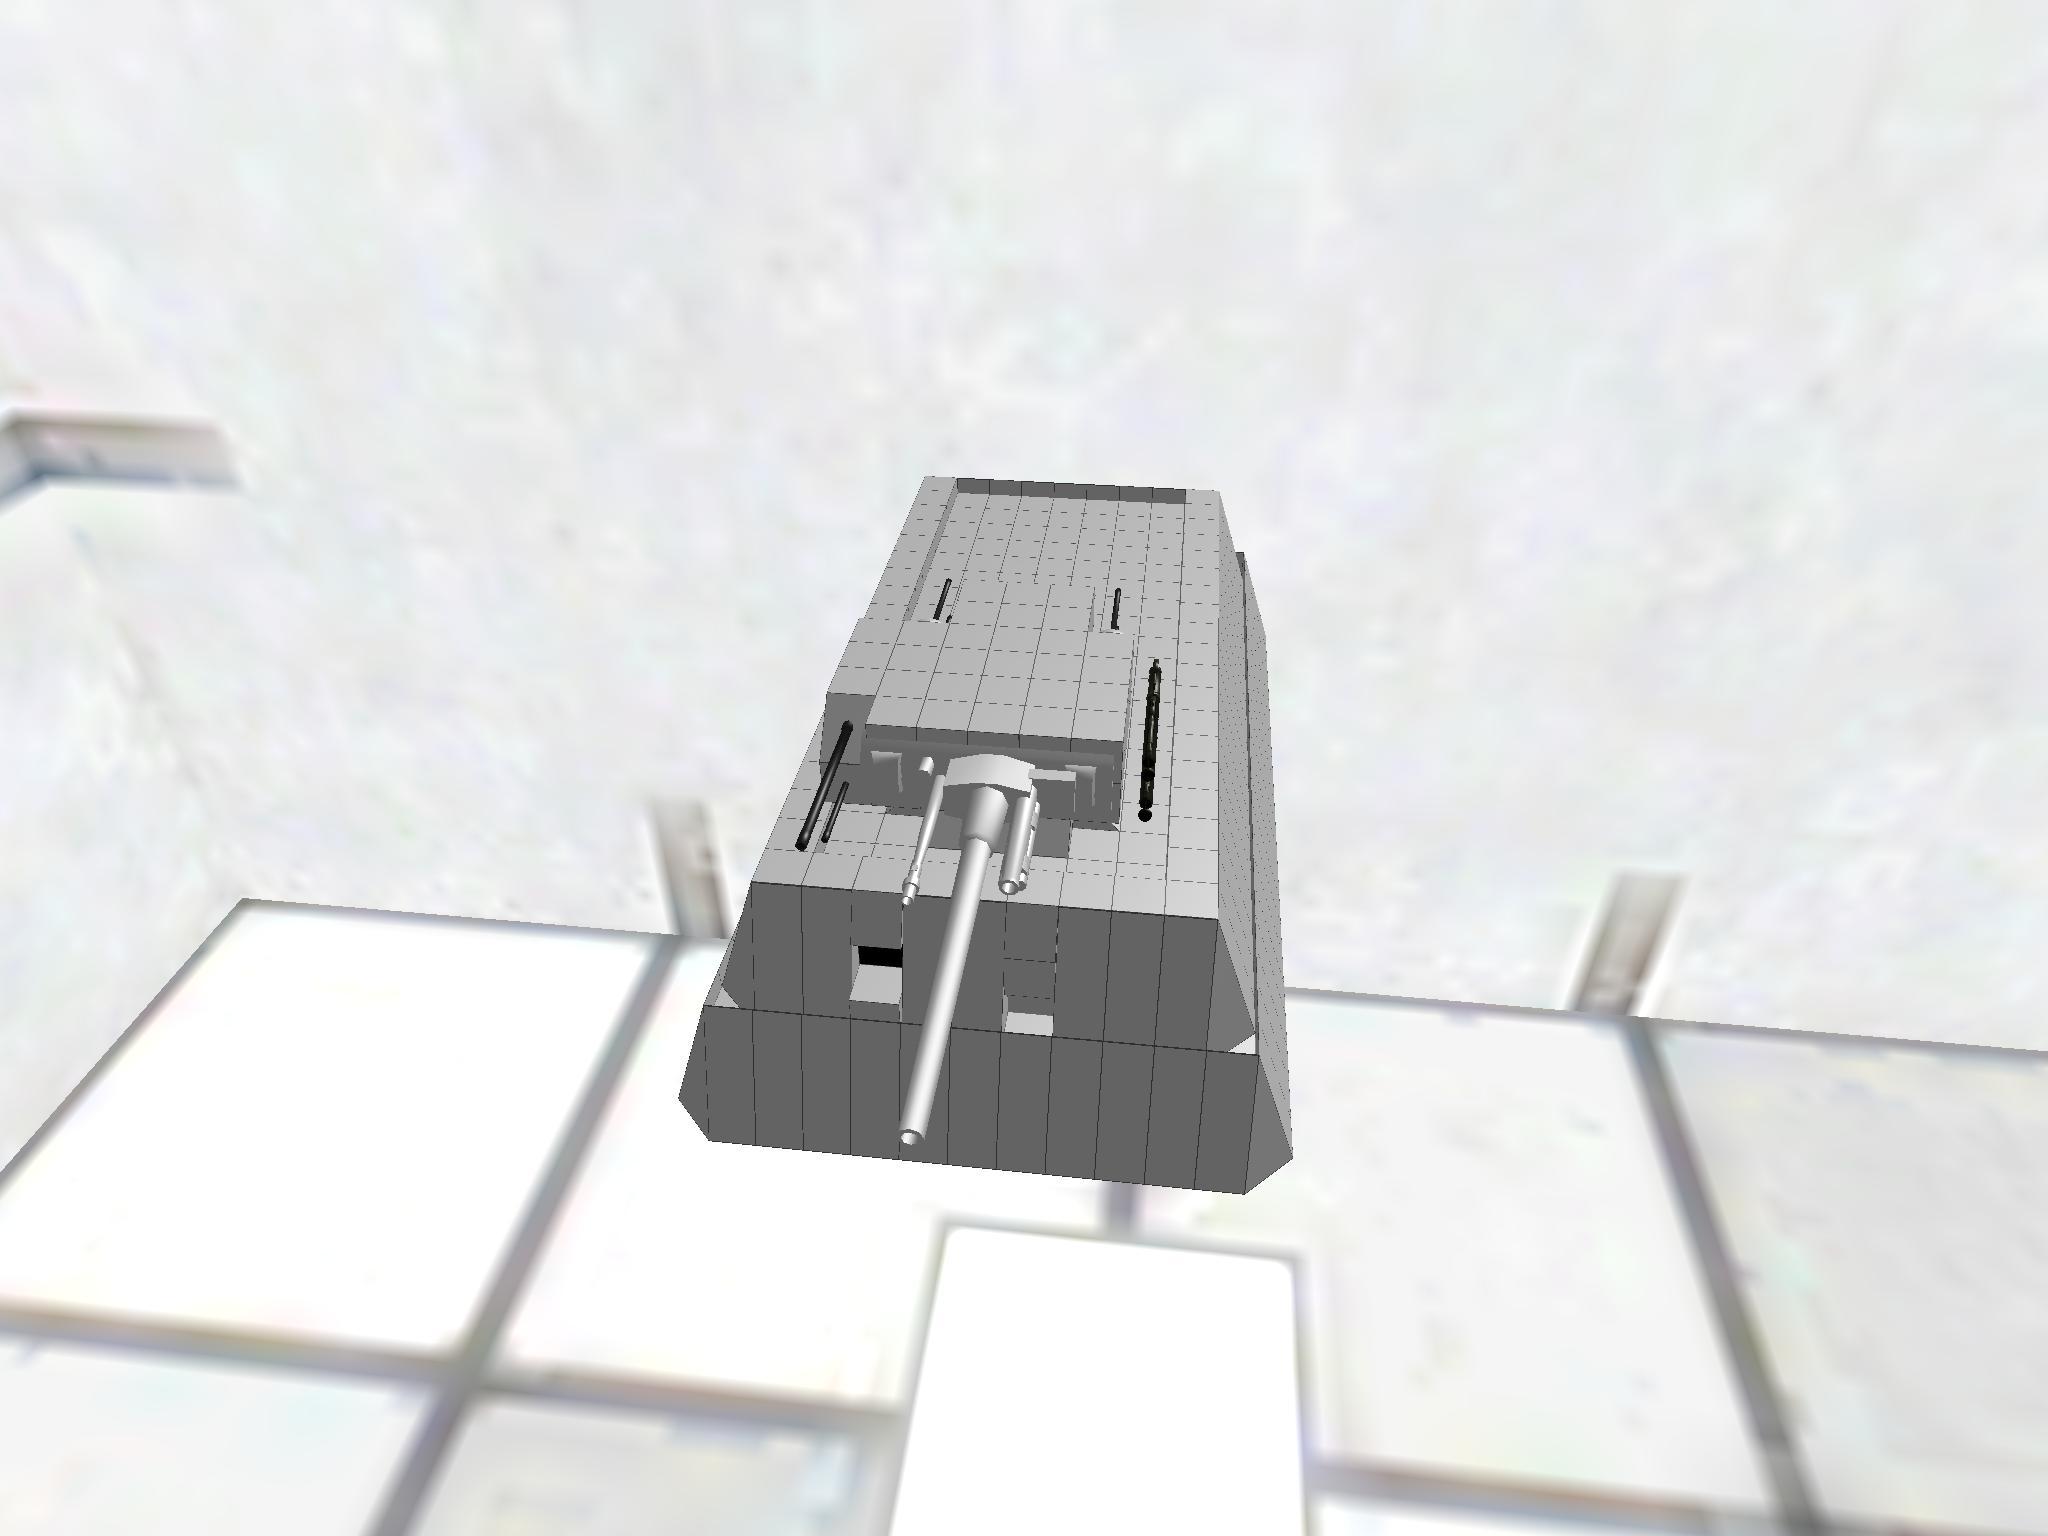 装甲ステルス攻撃車改(ASAC1,1,0)